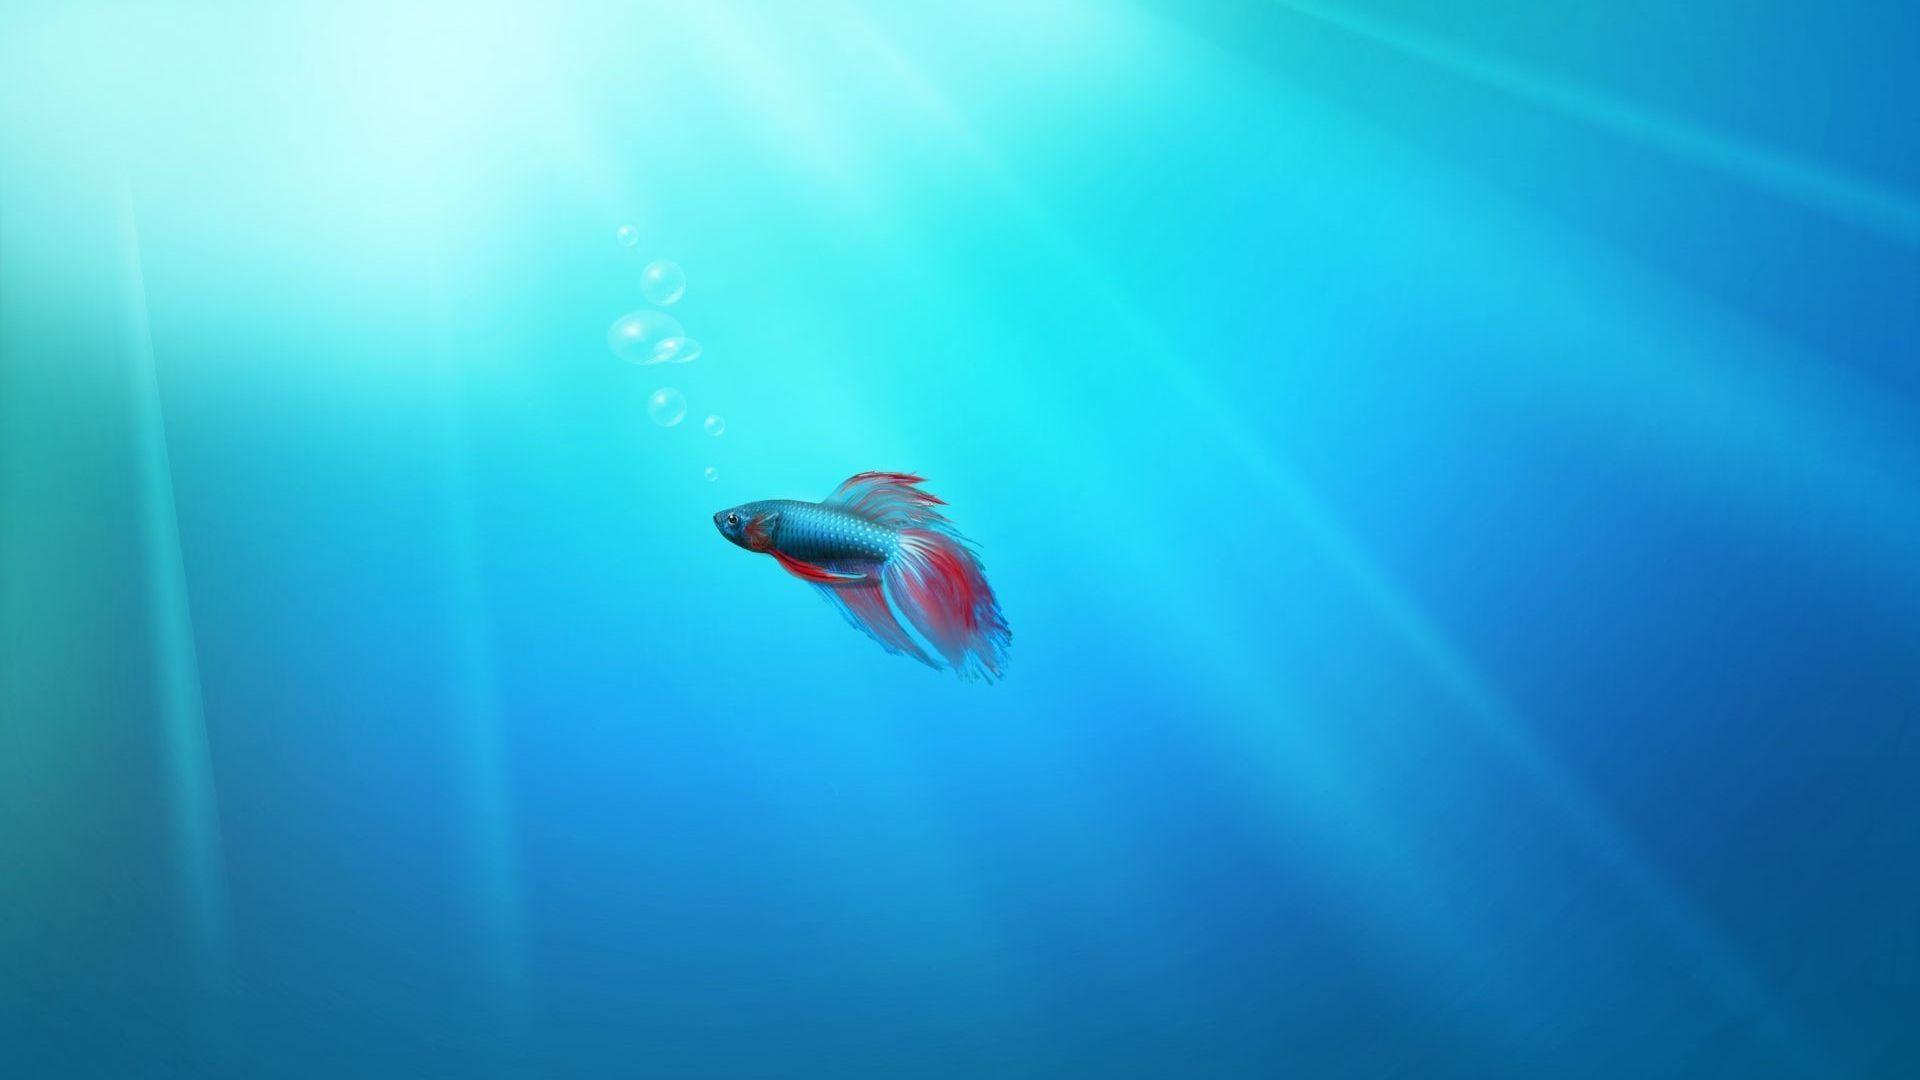 3d обои для рабочего стола аквариум с плавающими рыбками